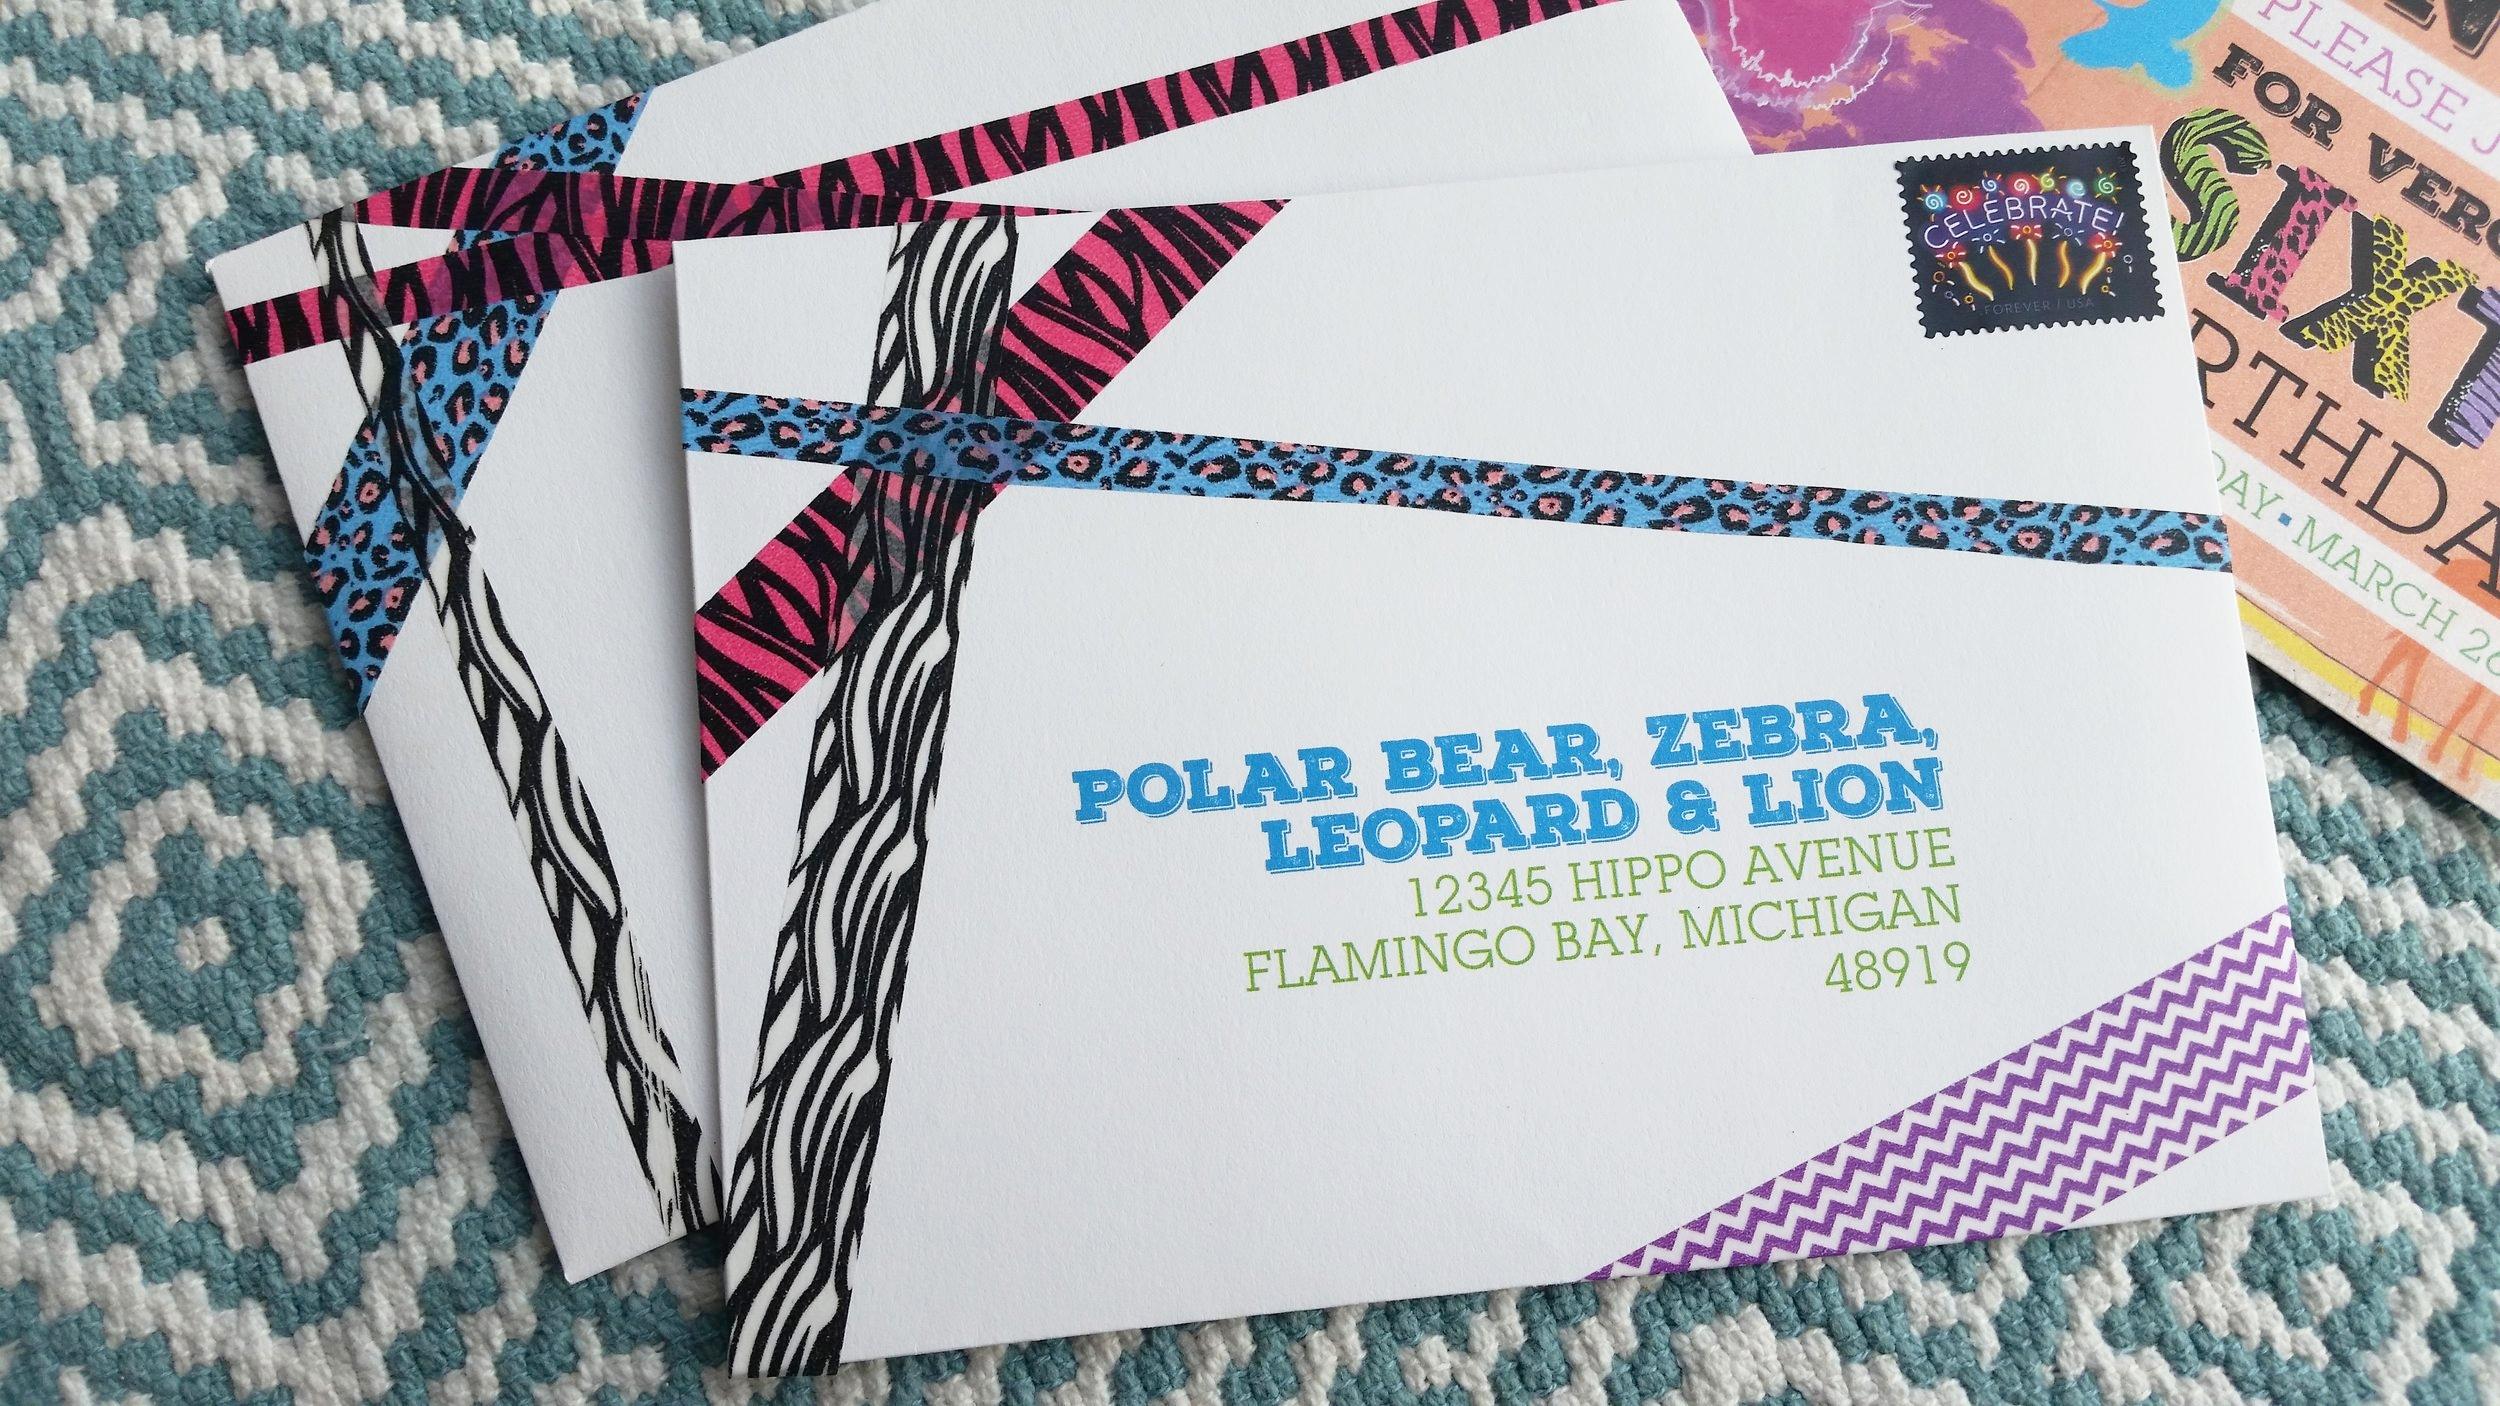 Custom Washi Tape Embellishment & Printed Mailing Addresses